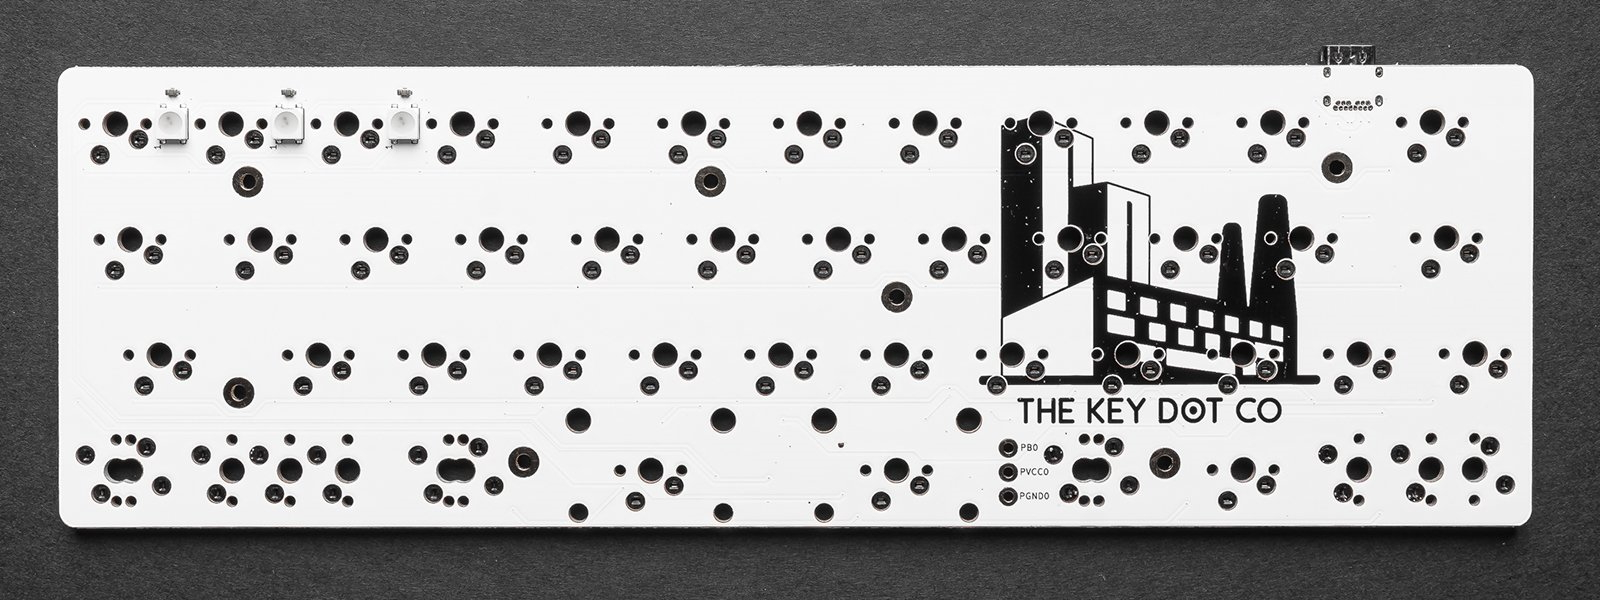 Front of the TheKey.Company-produced MiniVan PCB